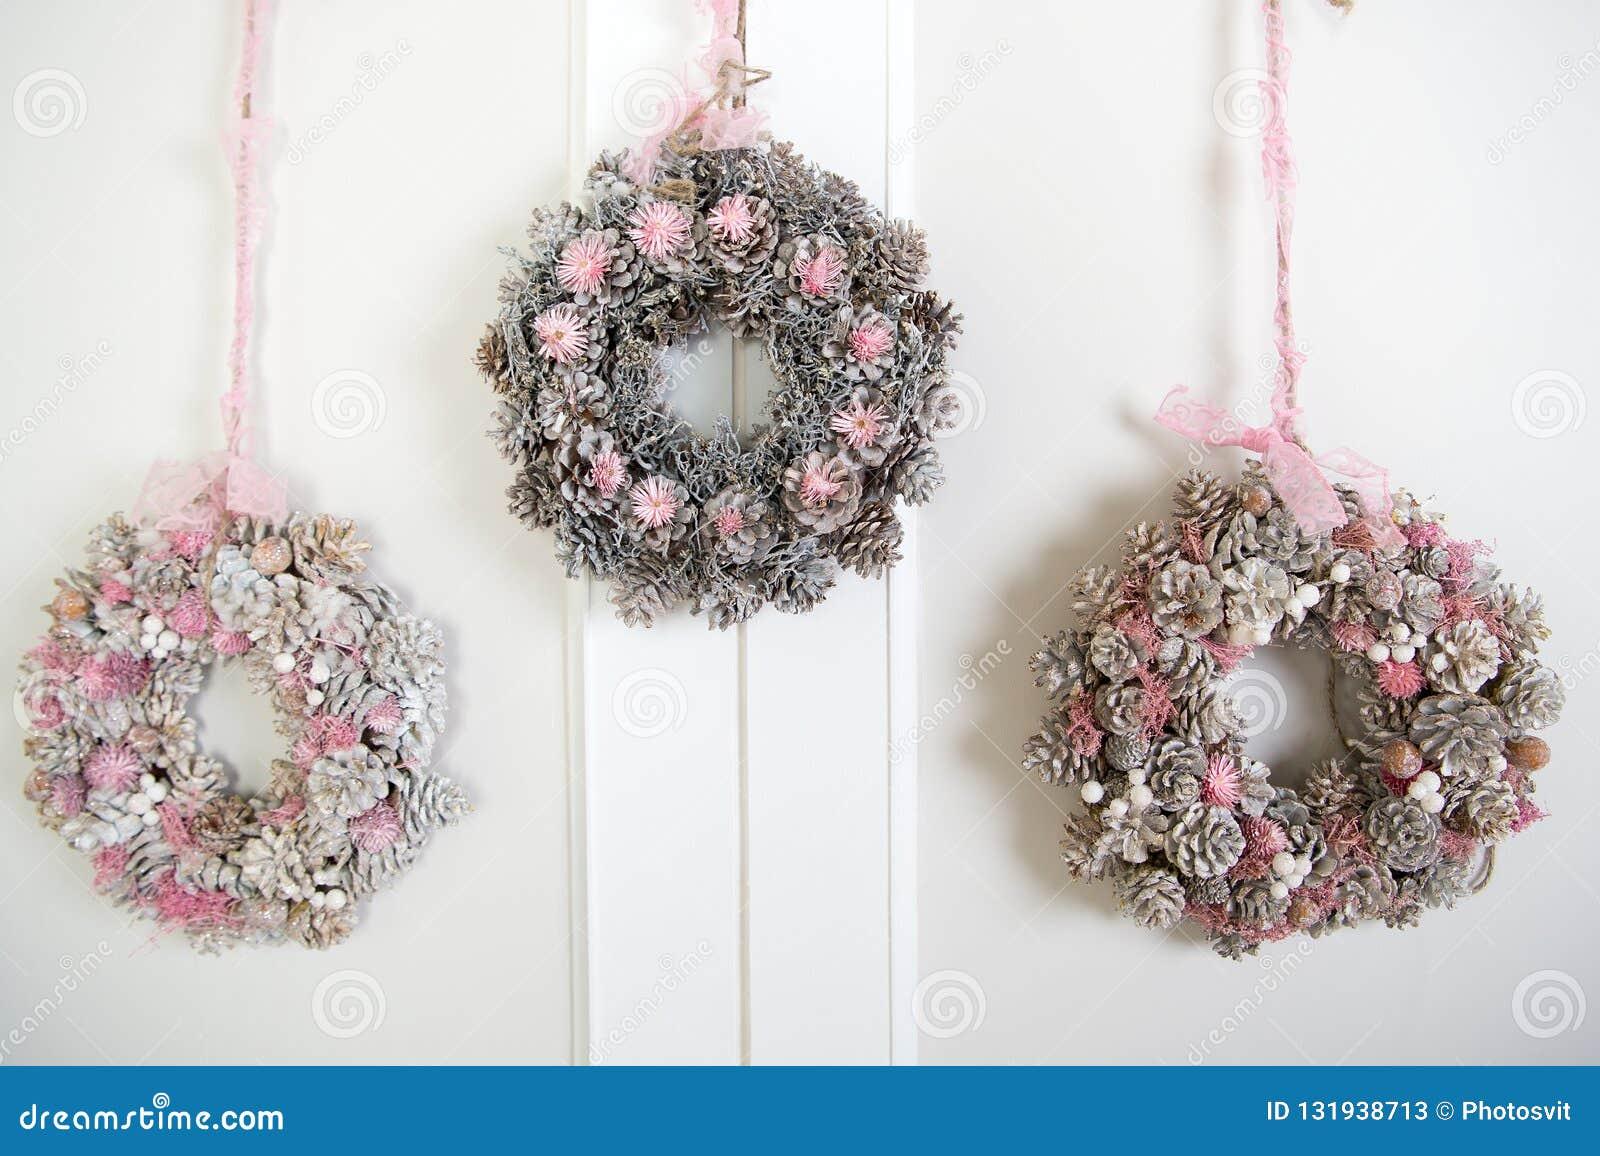 Feliz Año Nuevo Navidad Guirnalda adornada hermosa Feliz Navidad y buenas fiestas La mañana antes de Navidad nuevo